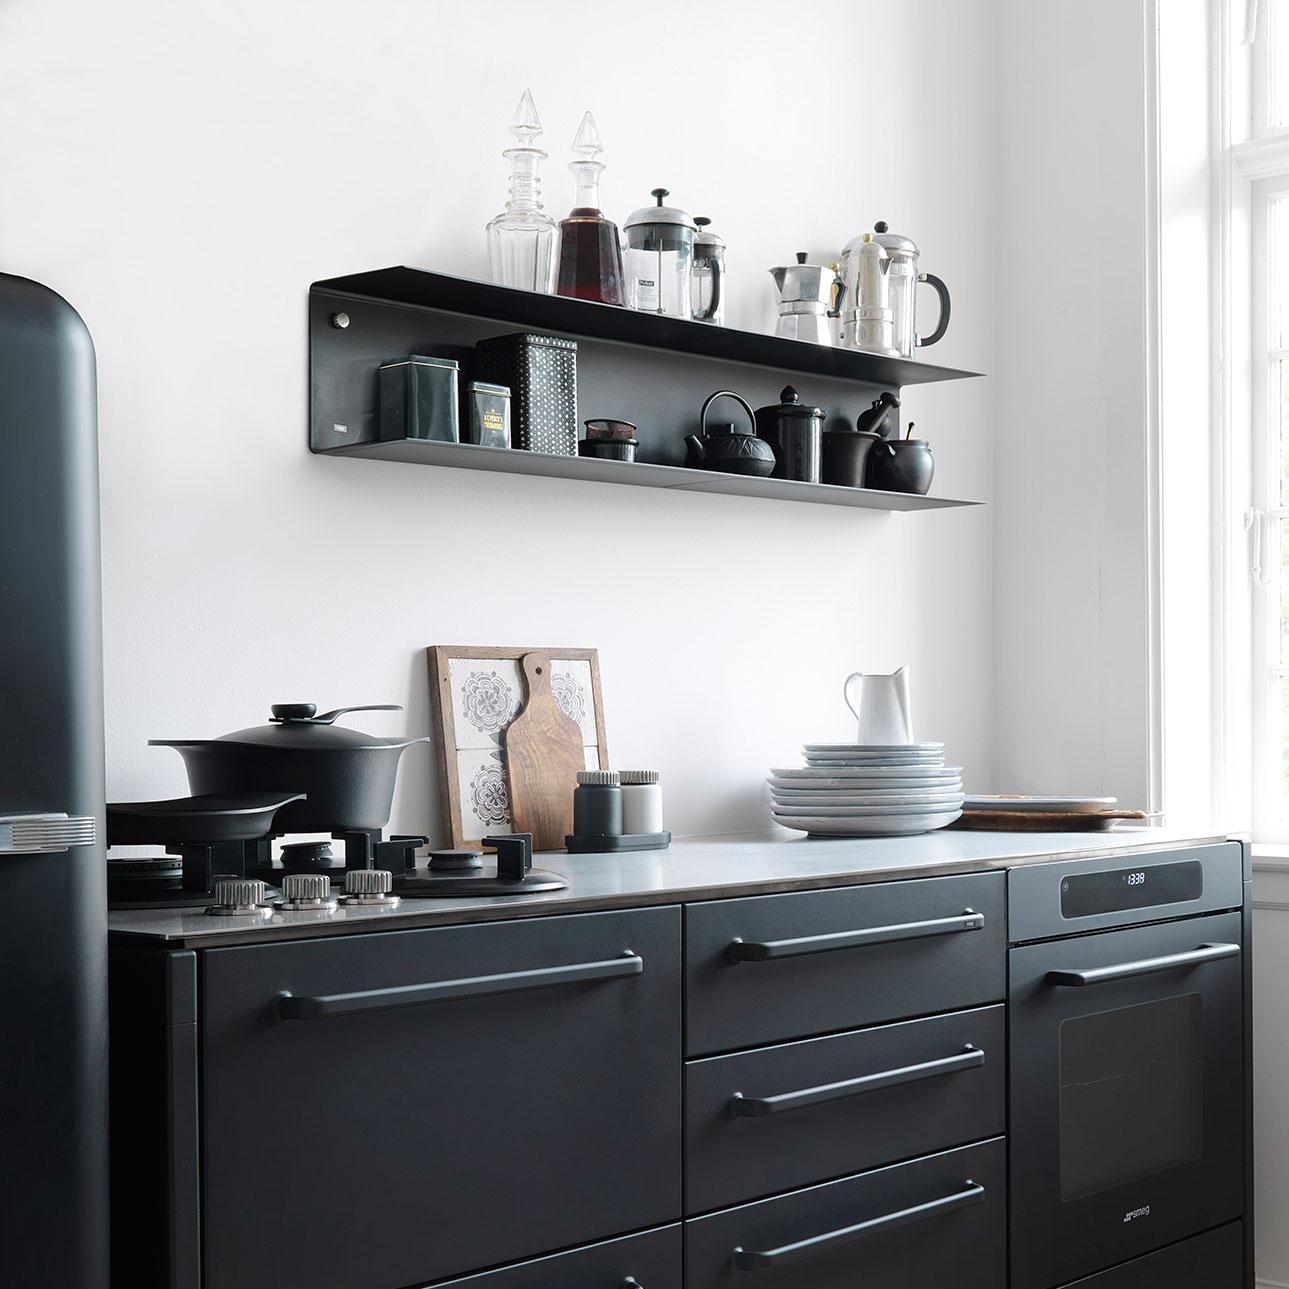 Zwevend keukeneiland een verscheidenheid aan luxe moderne keuken ontwerpen - Eiland zwarte bad ...